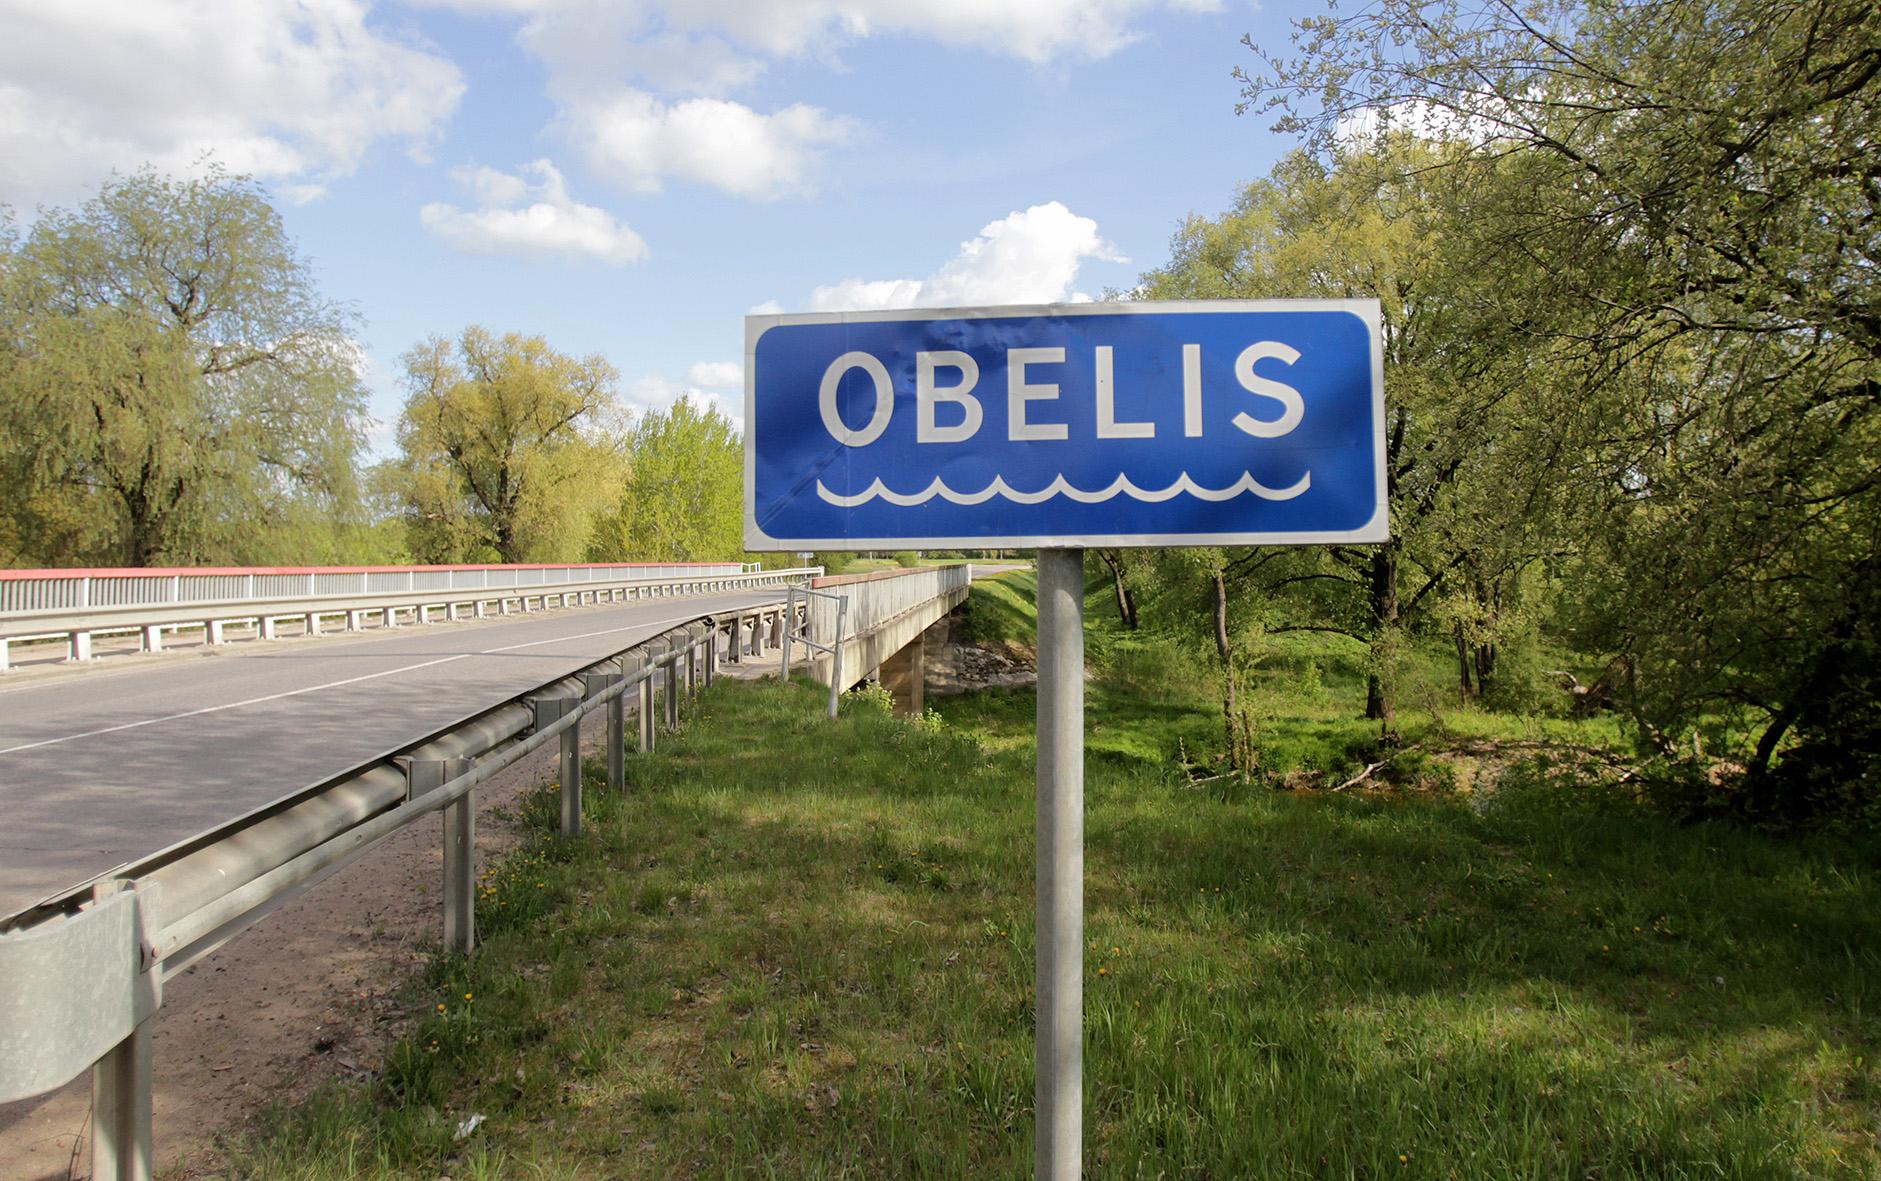 Obelies upės pavadinimas siejamas su medžio vardu. Gražią mintį tokiam pavadinimui galėjo sukelti šviesus obelų medžiu žydėjimas. Algimanto Barzdžiaus nuotr.